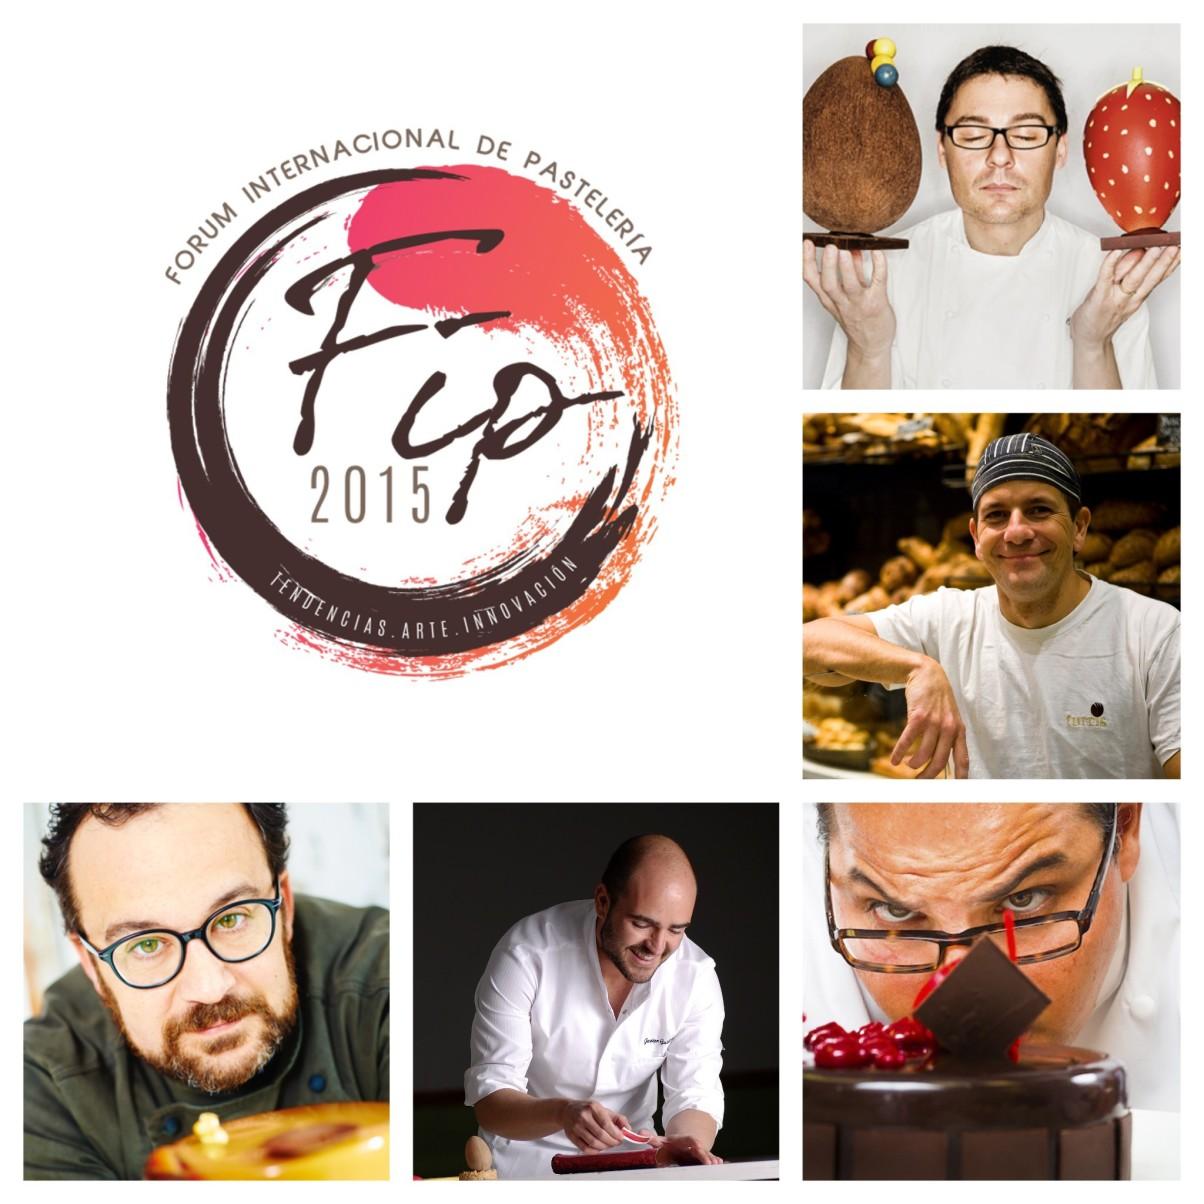 FIP2015: I Forum Internacional de Pastelería 2015